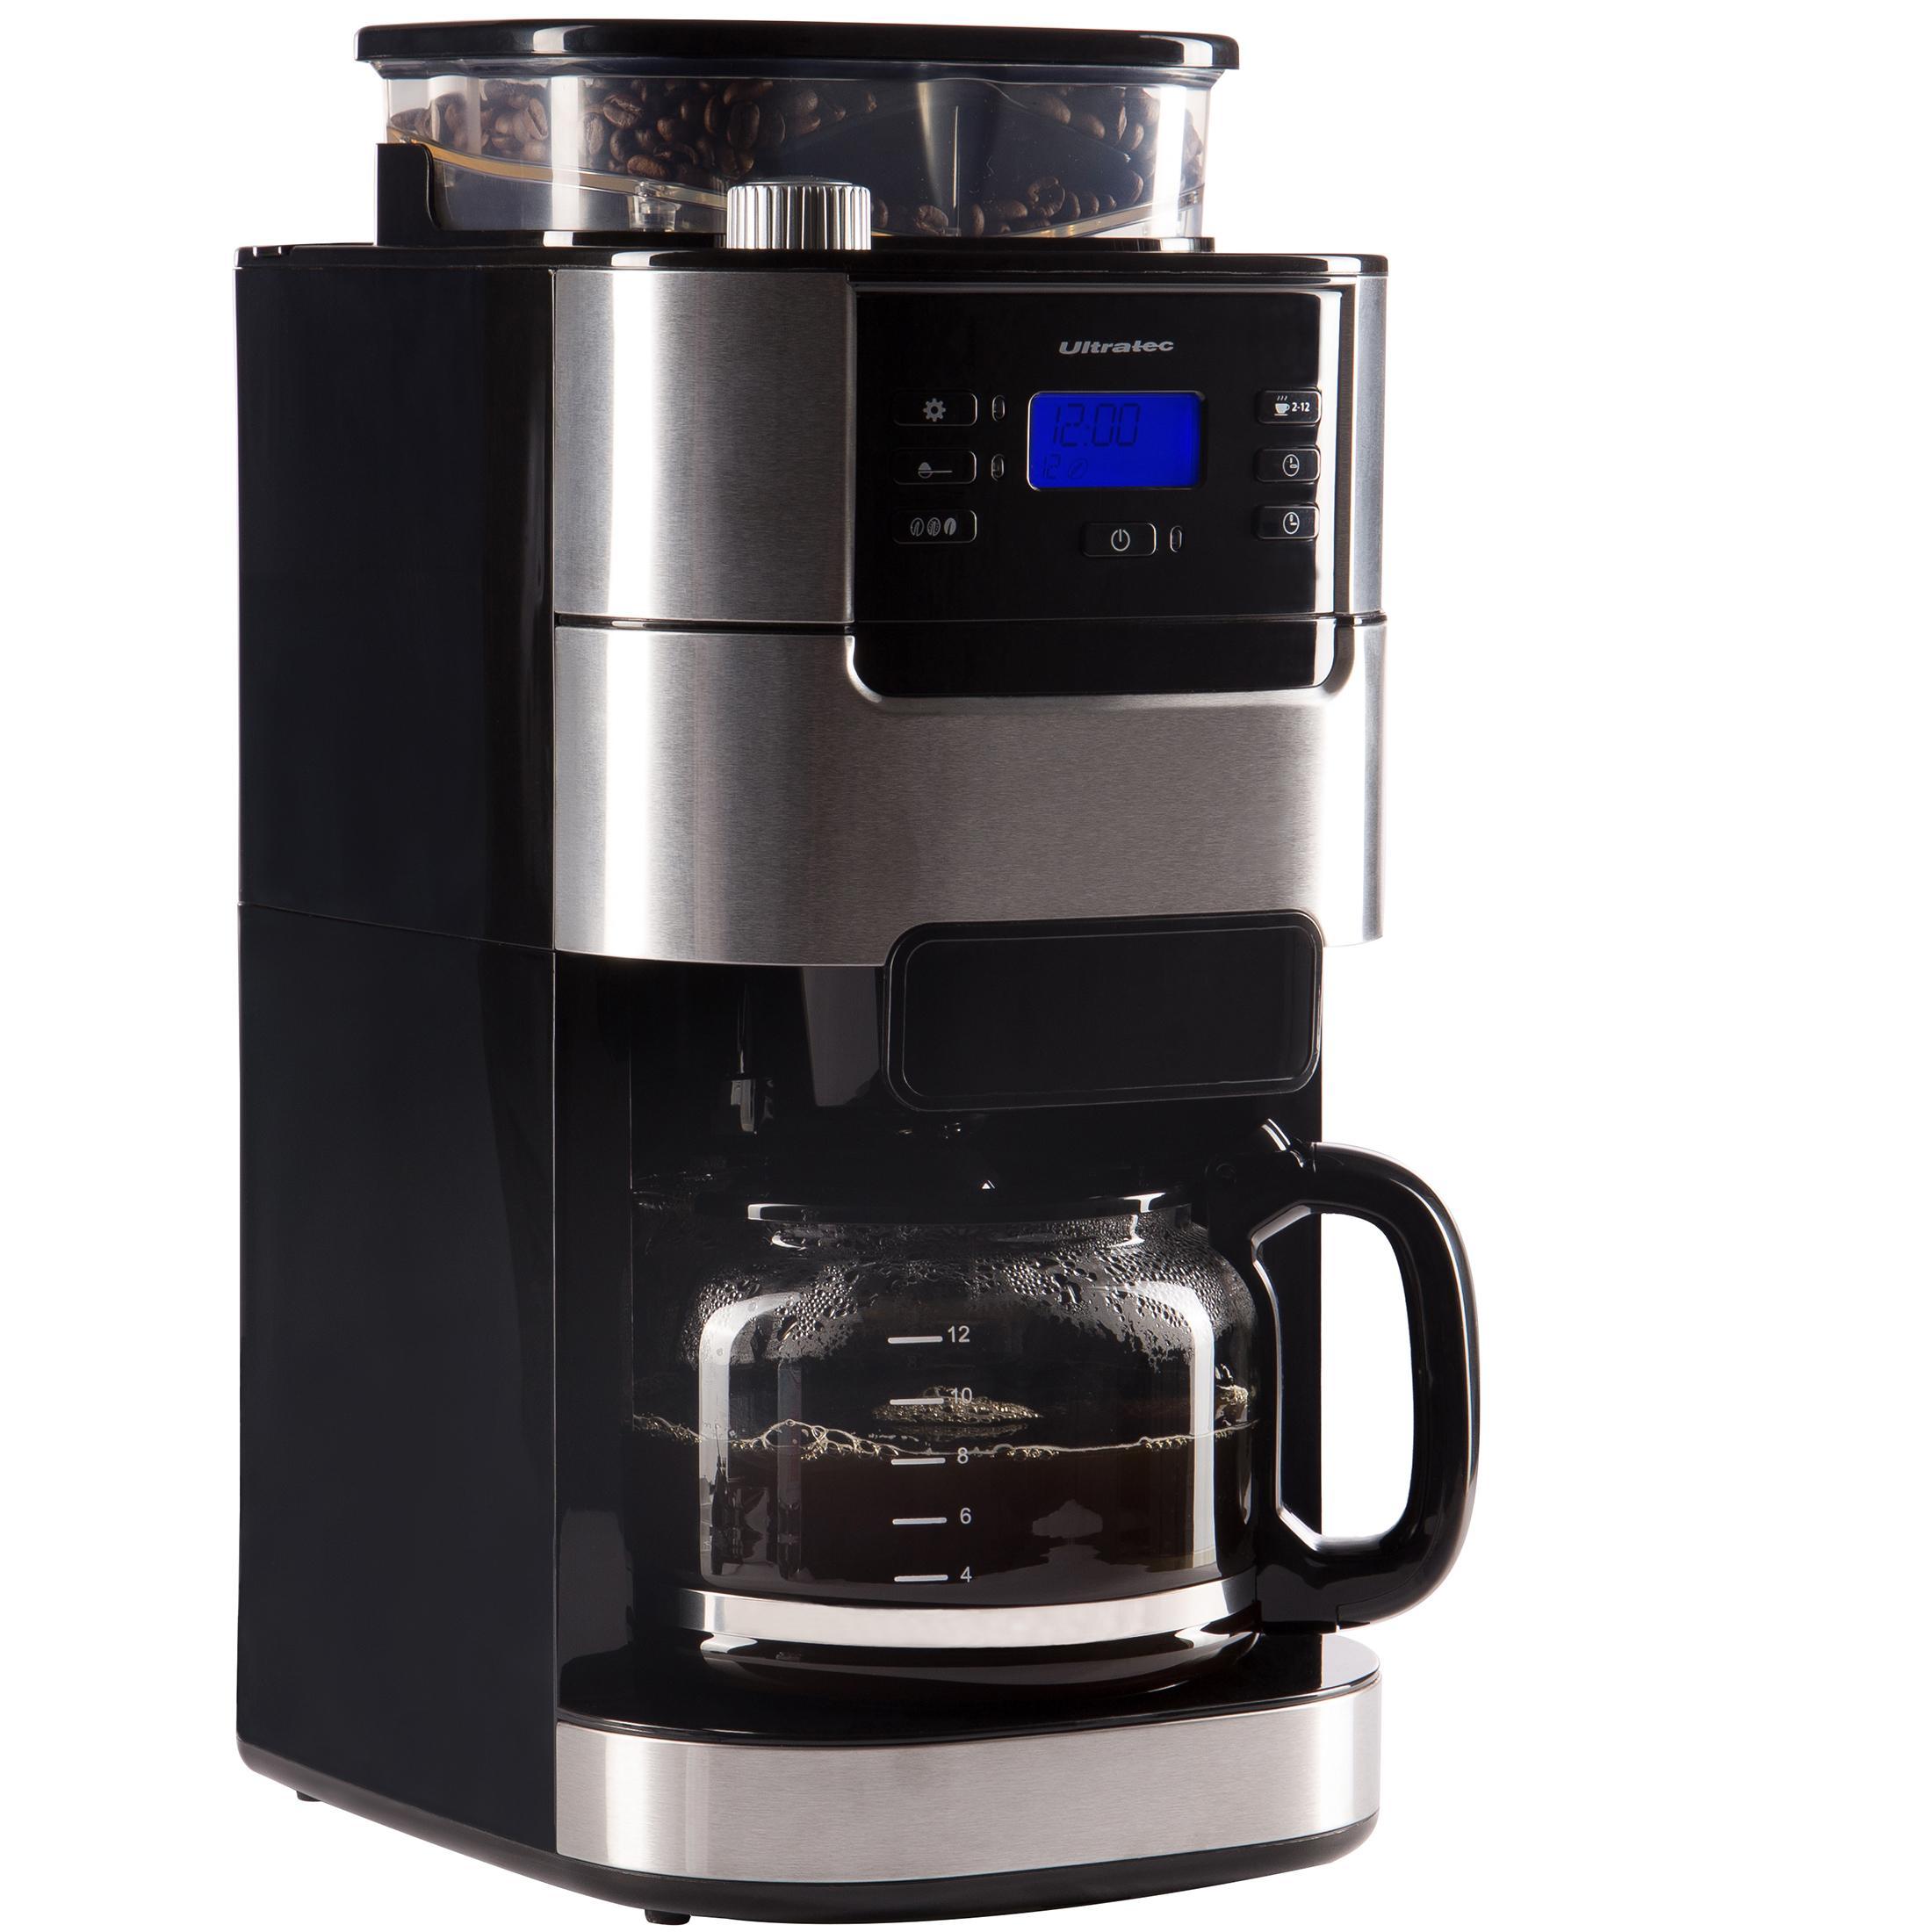 ultratec kaffeemaschine kaffee vollautomat mit mahlwerk und timerfunktion